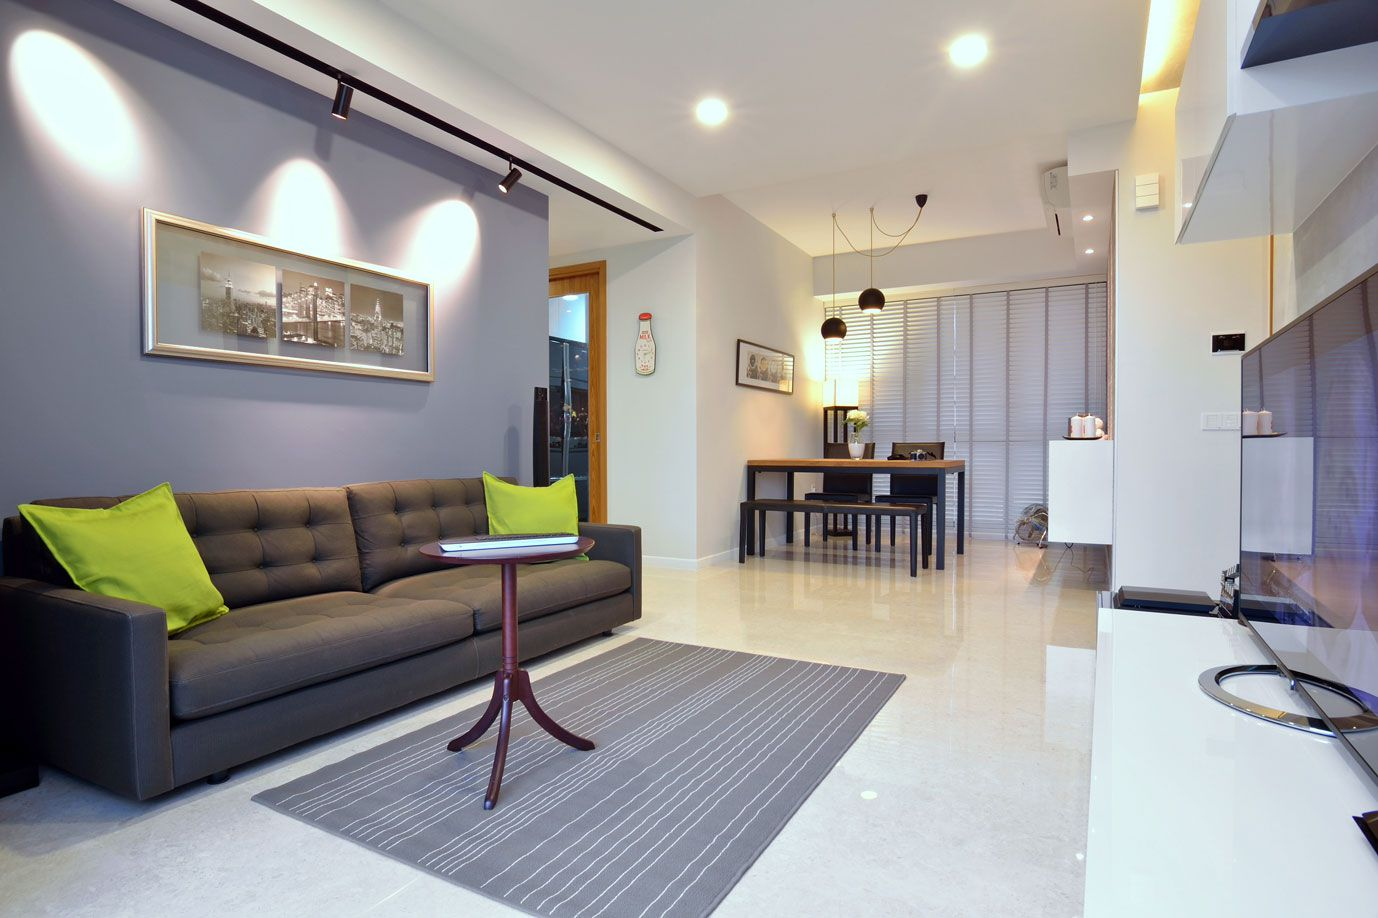 Apartment-in-Singapore-03